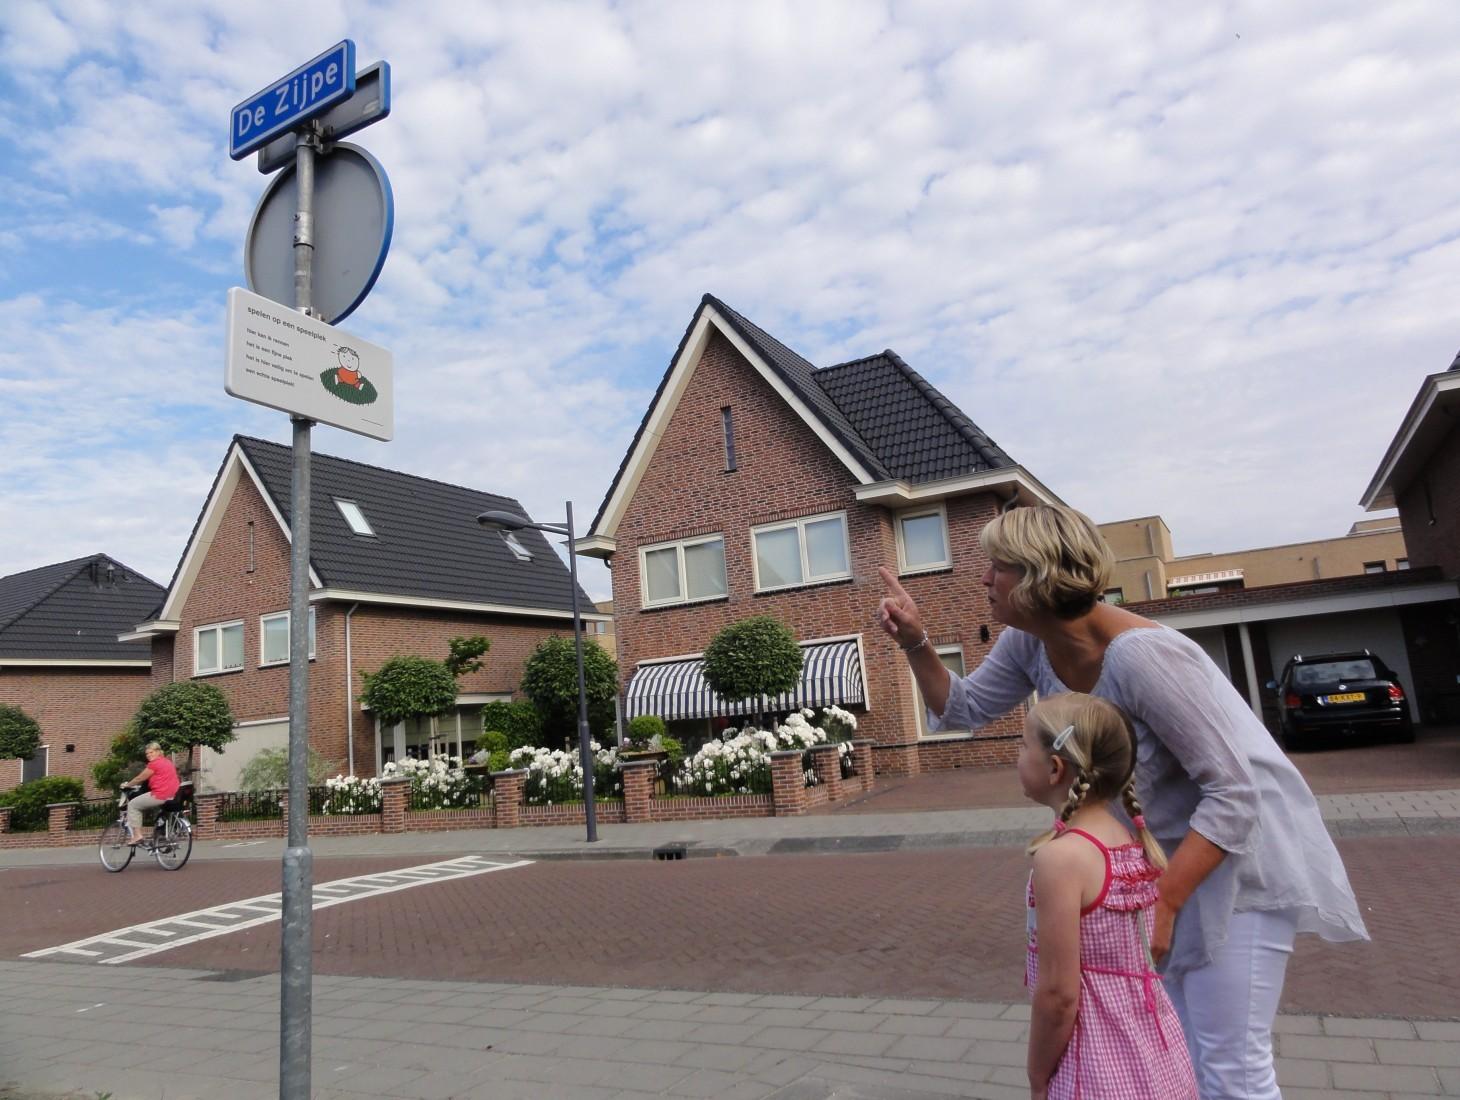 oefenen met dick bruna verkeersborden nijntje verkeersbord verkeersveiligheid woonwijk schoolzone woonerf wijk veel kinderen straat minder ongelukken verkeerseducatie verkeersles